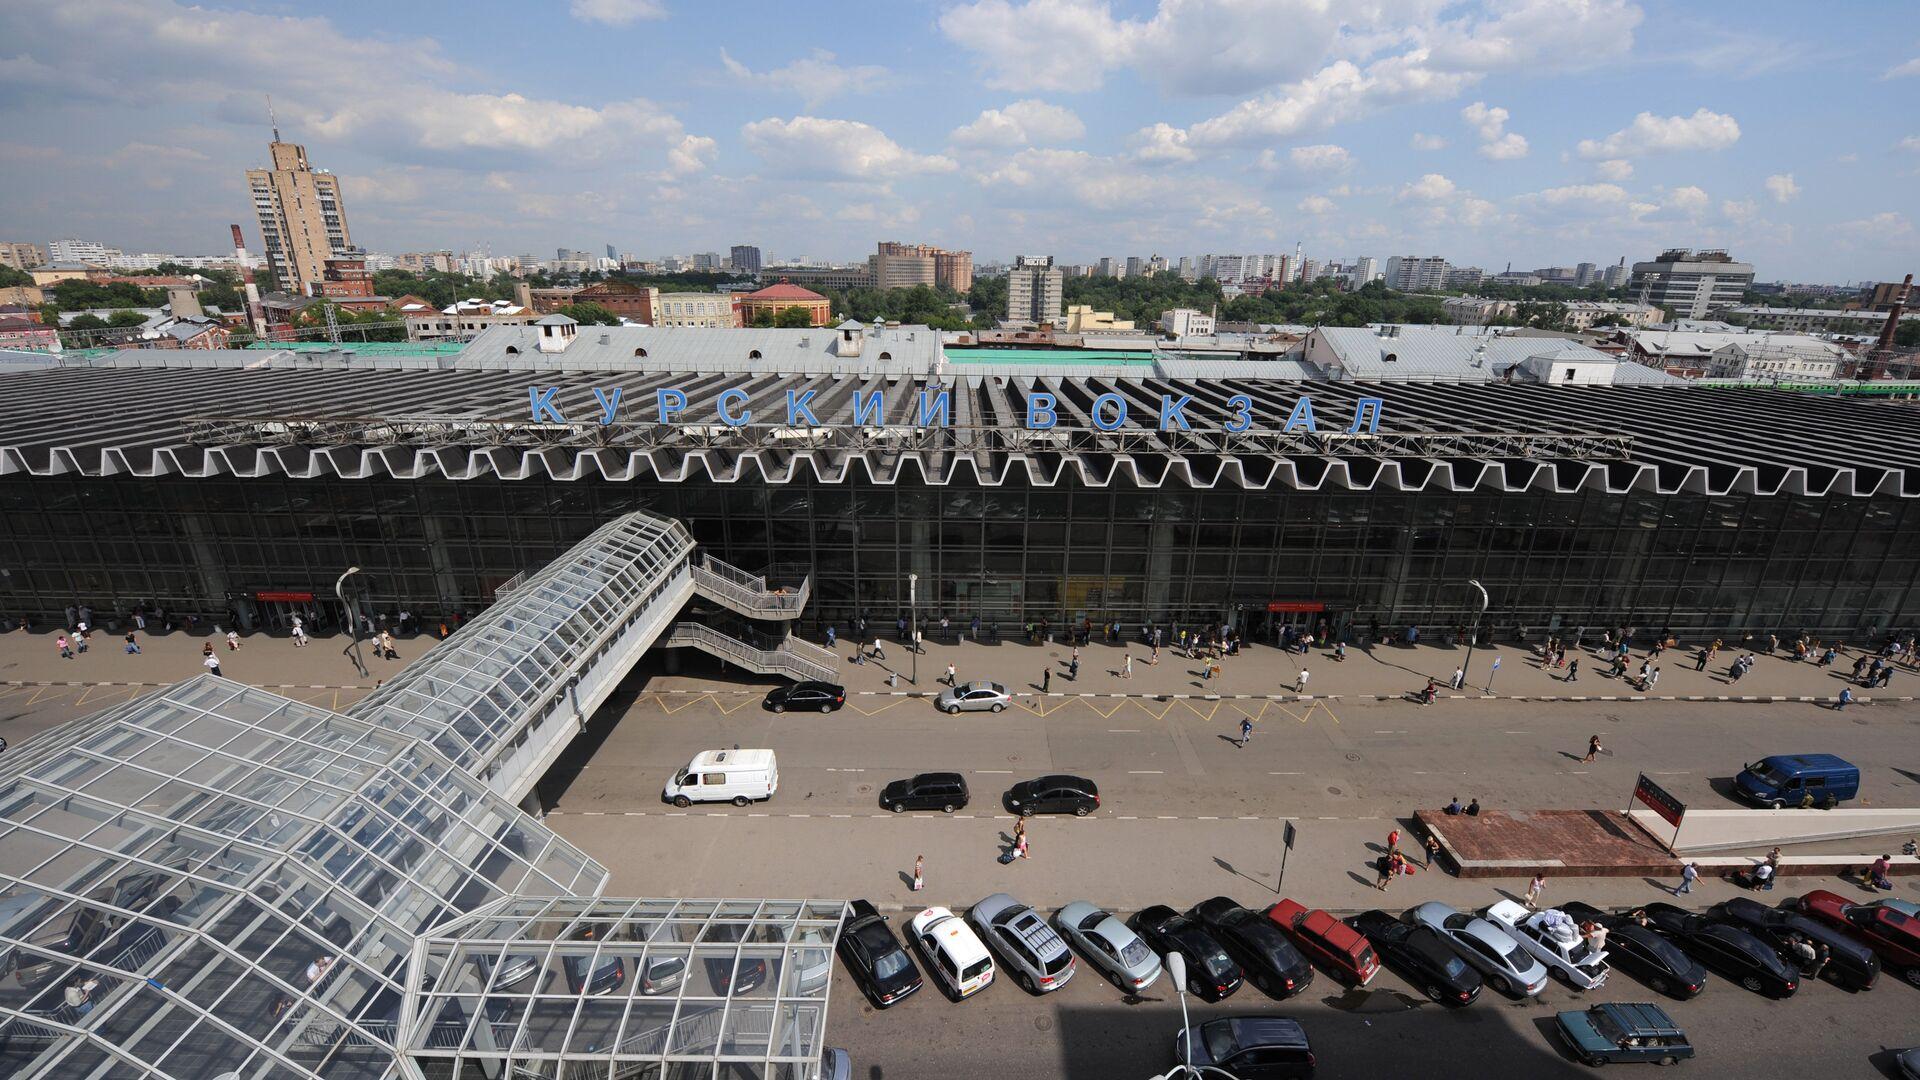 Курский вокзал в Москве - РИА Новости, 1920, 05.08.2021